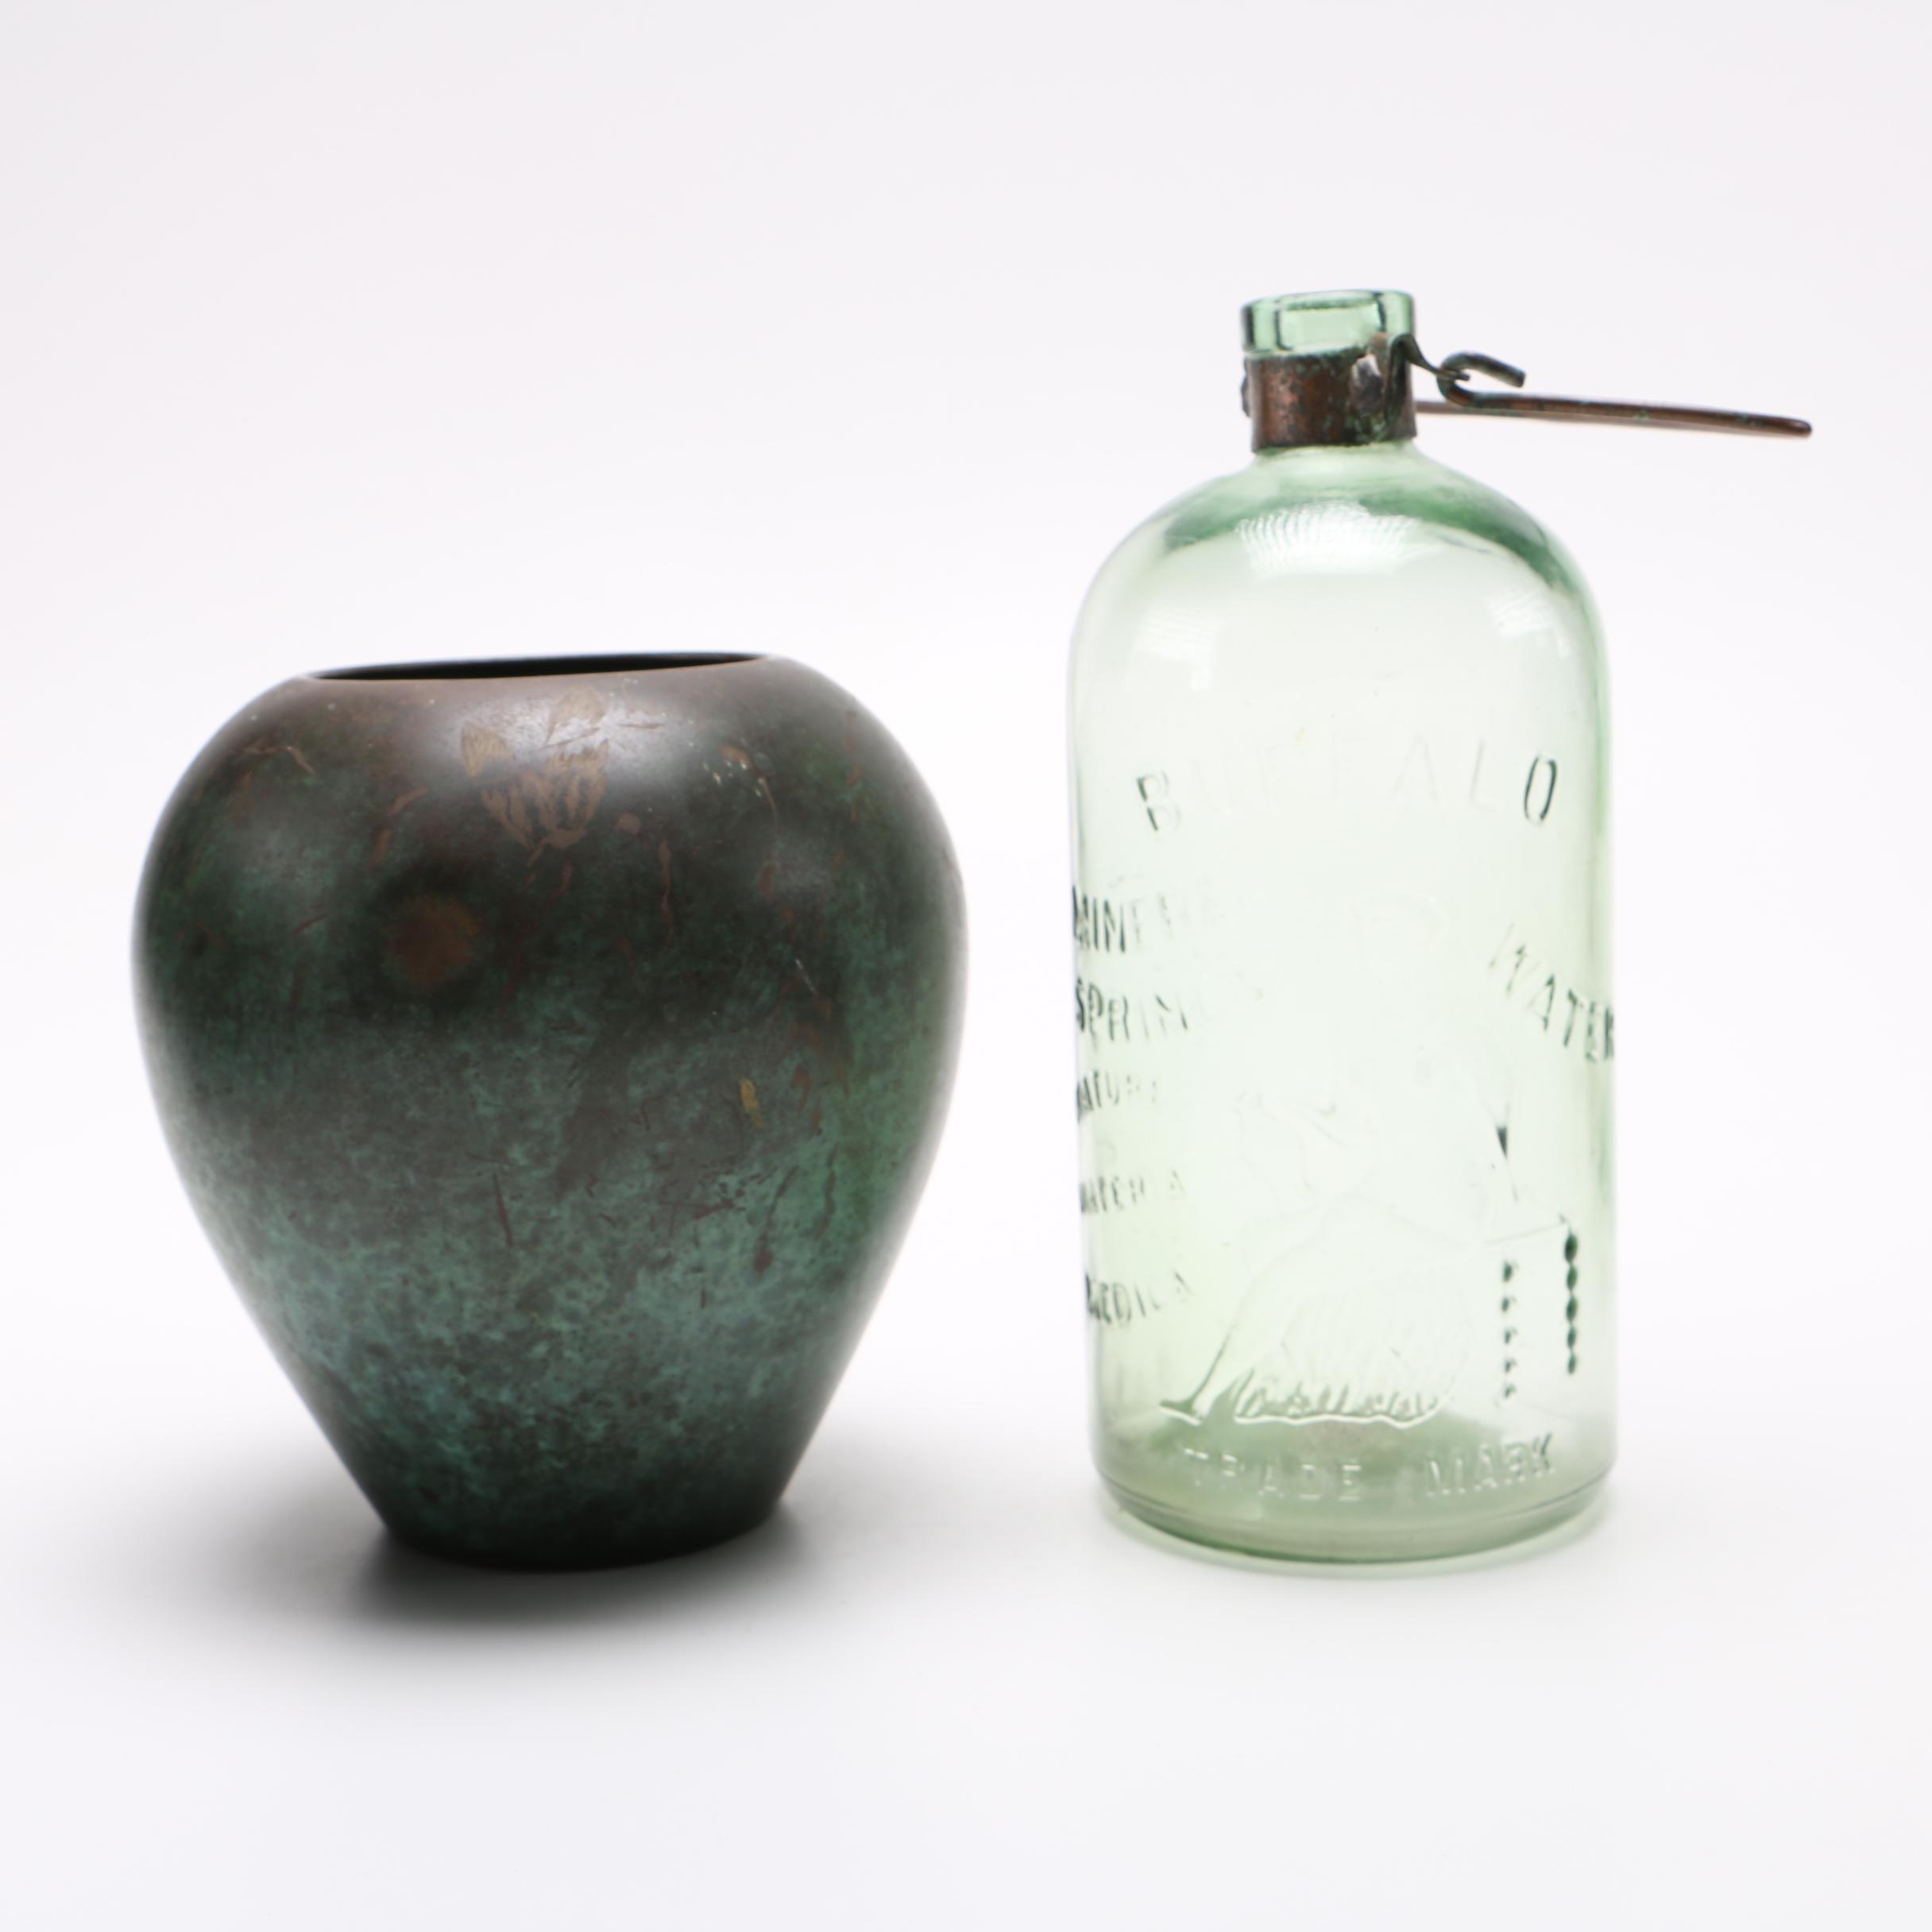 WMF Ikora Vase and Buffalo Mineral Spring Copper Handle Bottle